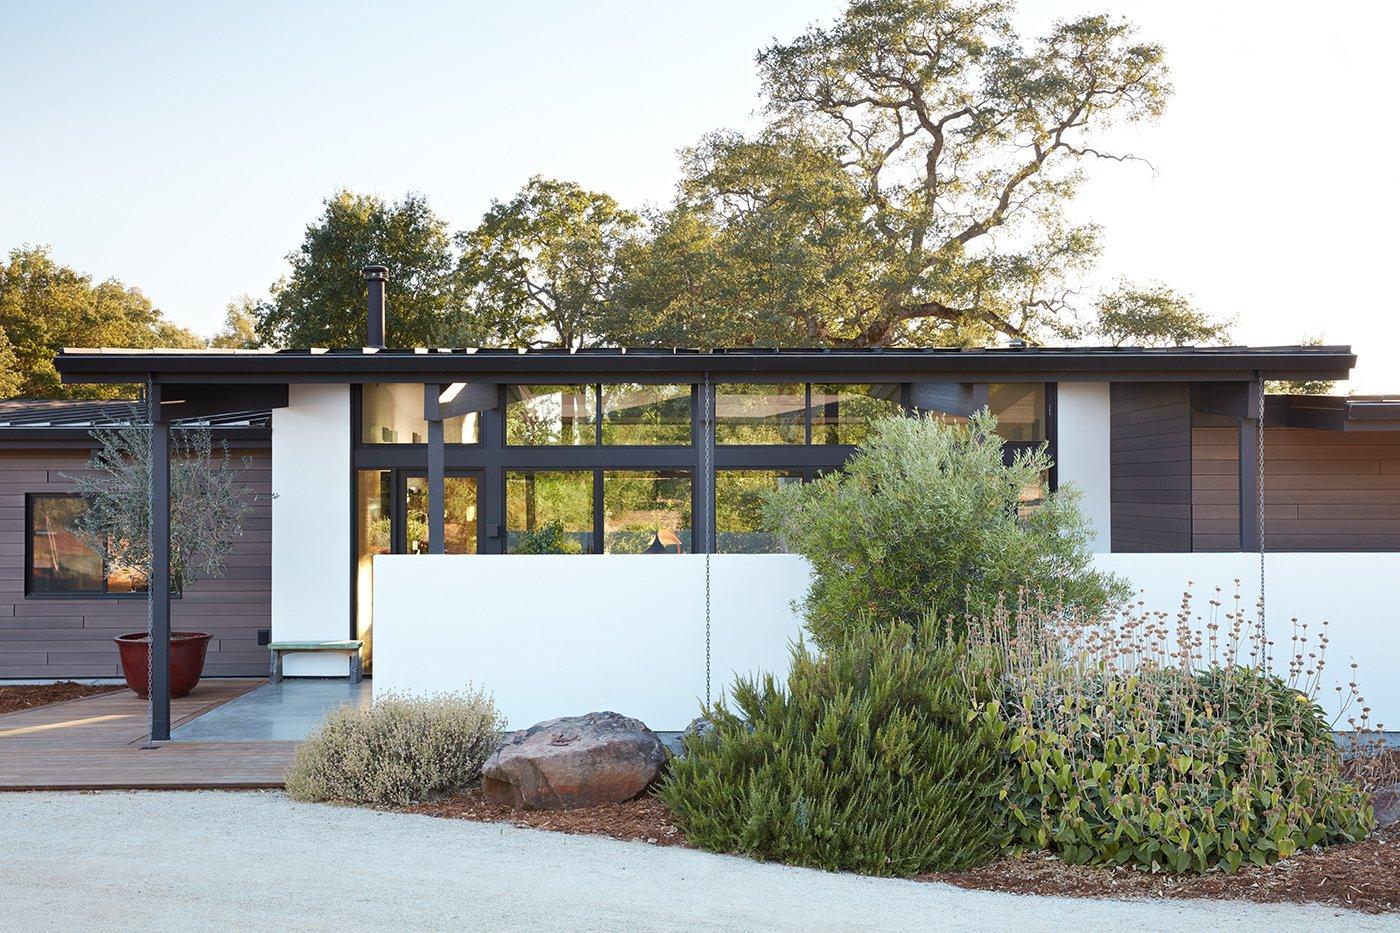 Sacramento Modern Residence by Klopf Architecture  Sacramento Modern Residence by Klopf Architecture